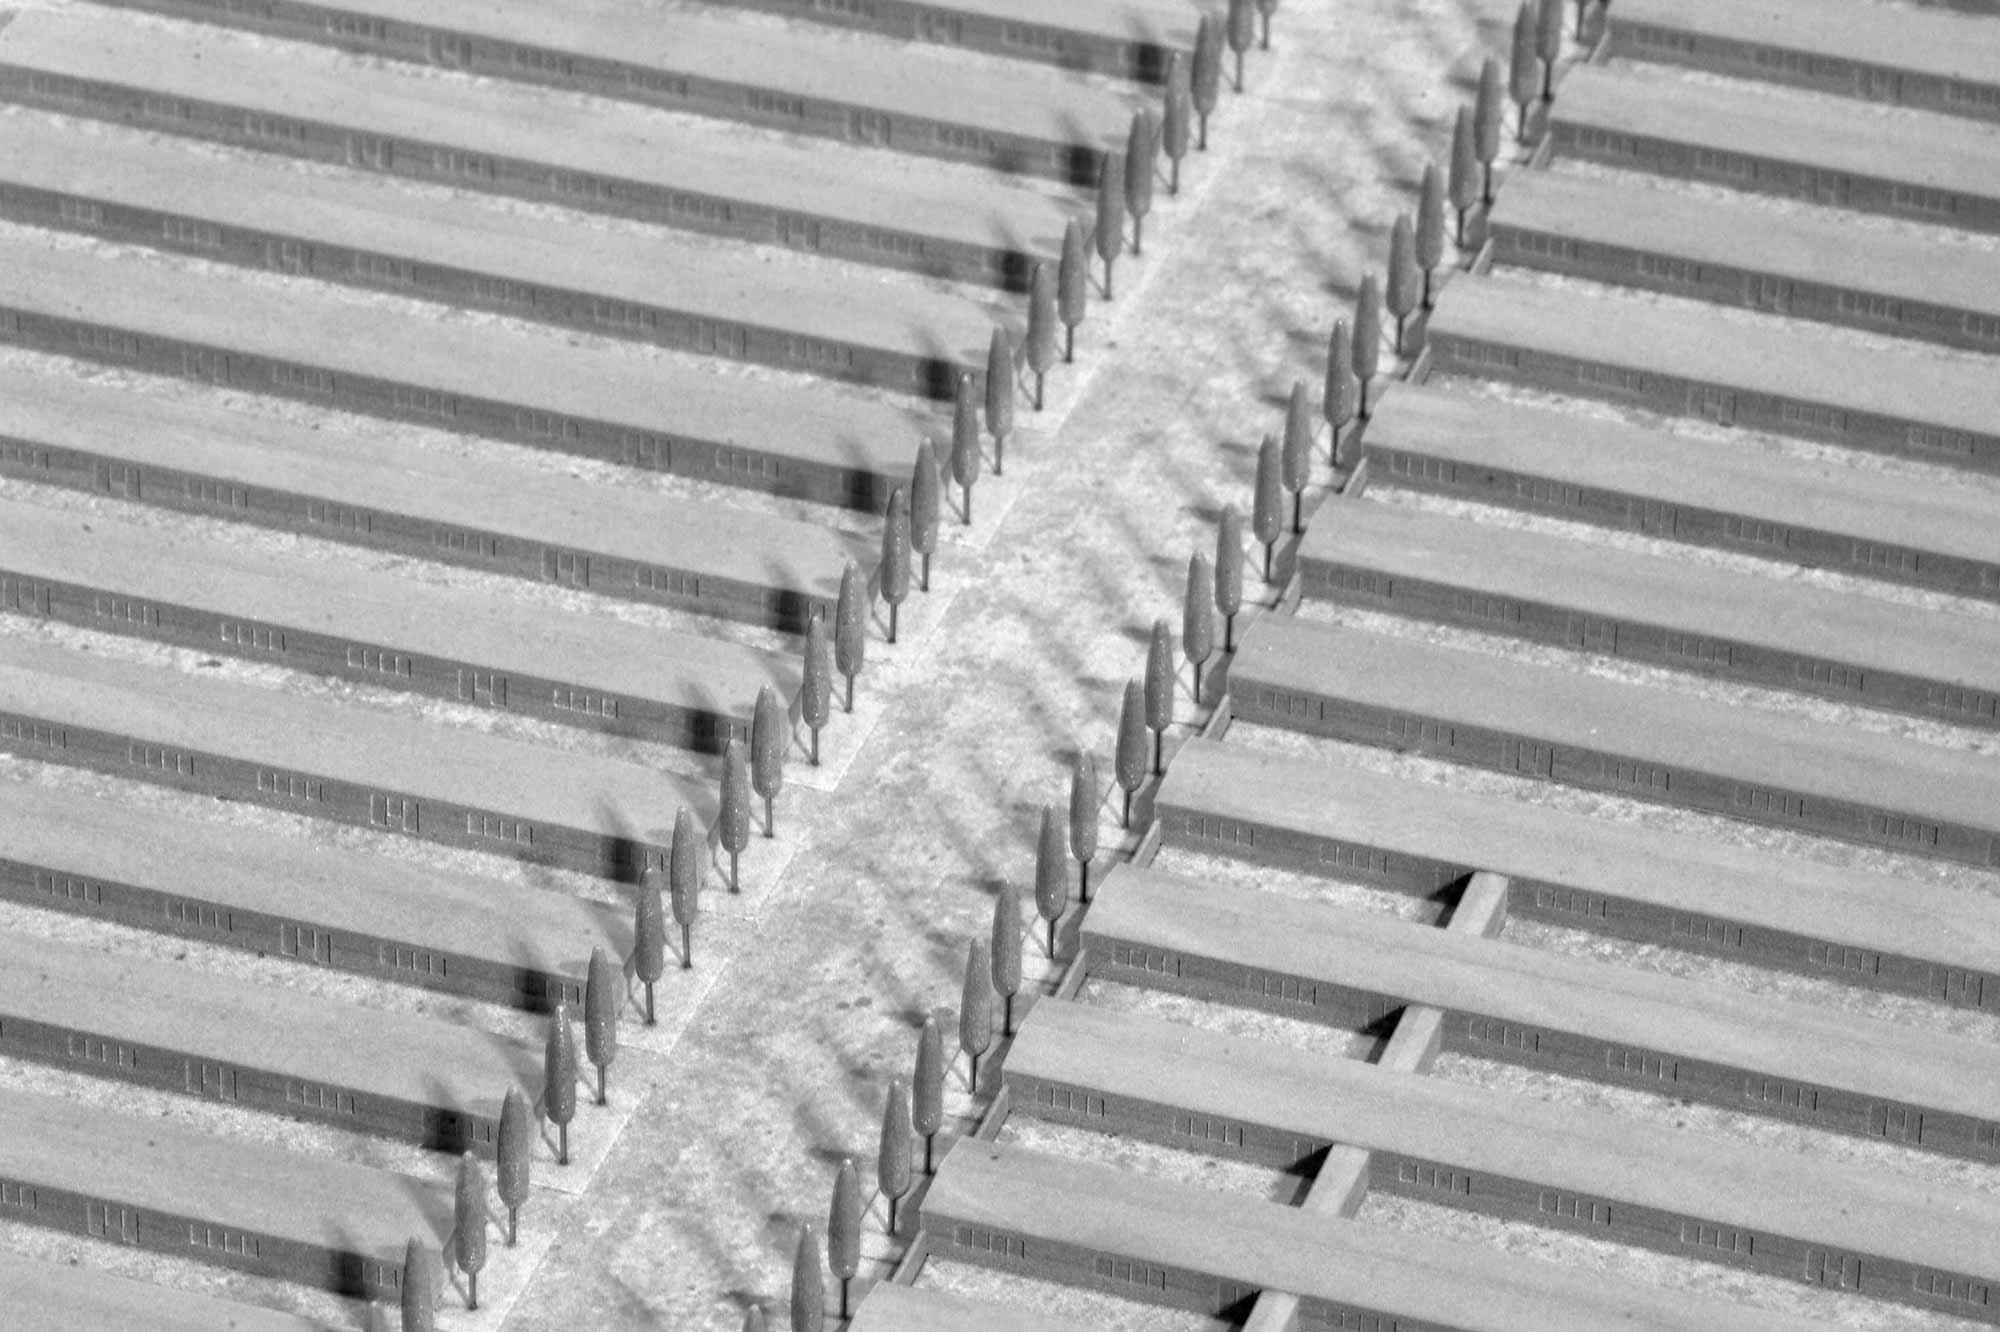 Modell KZ Dachau, Detail